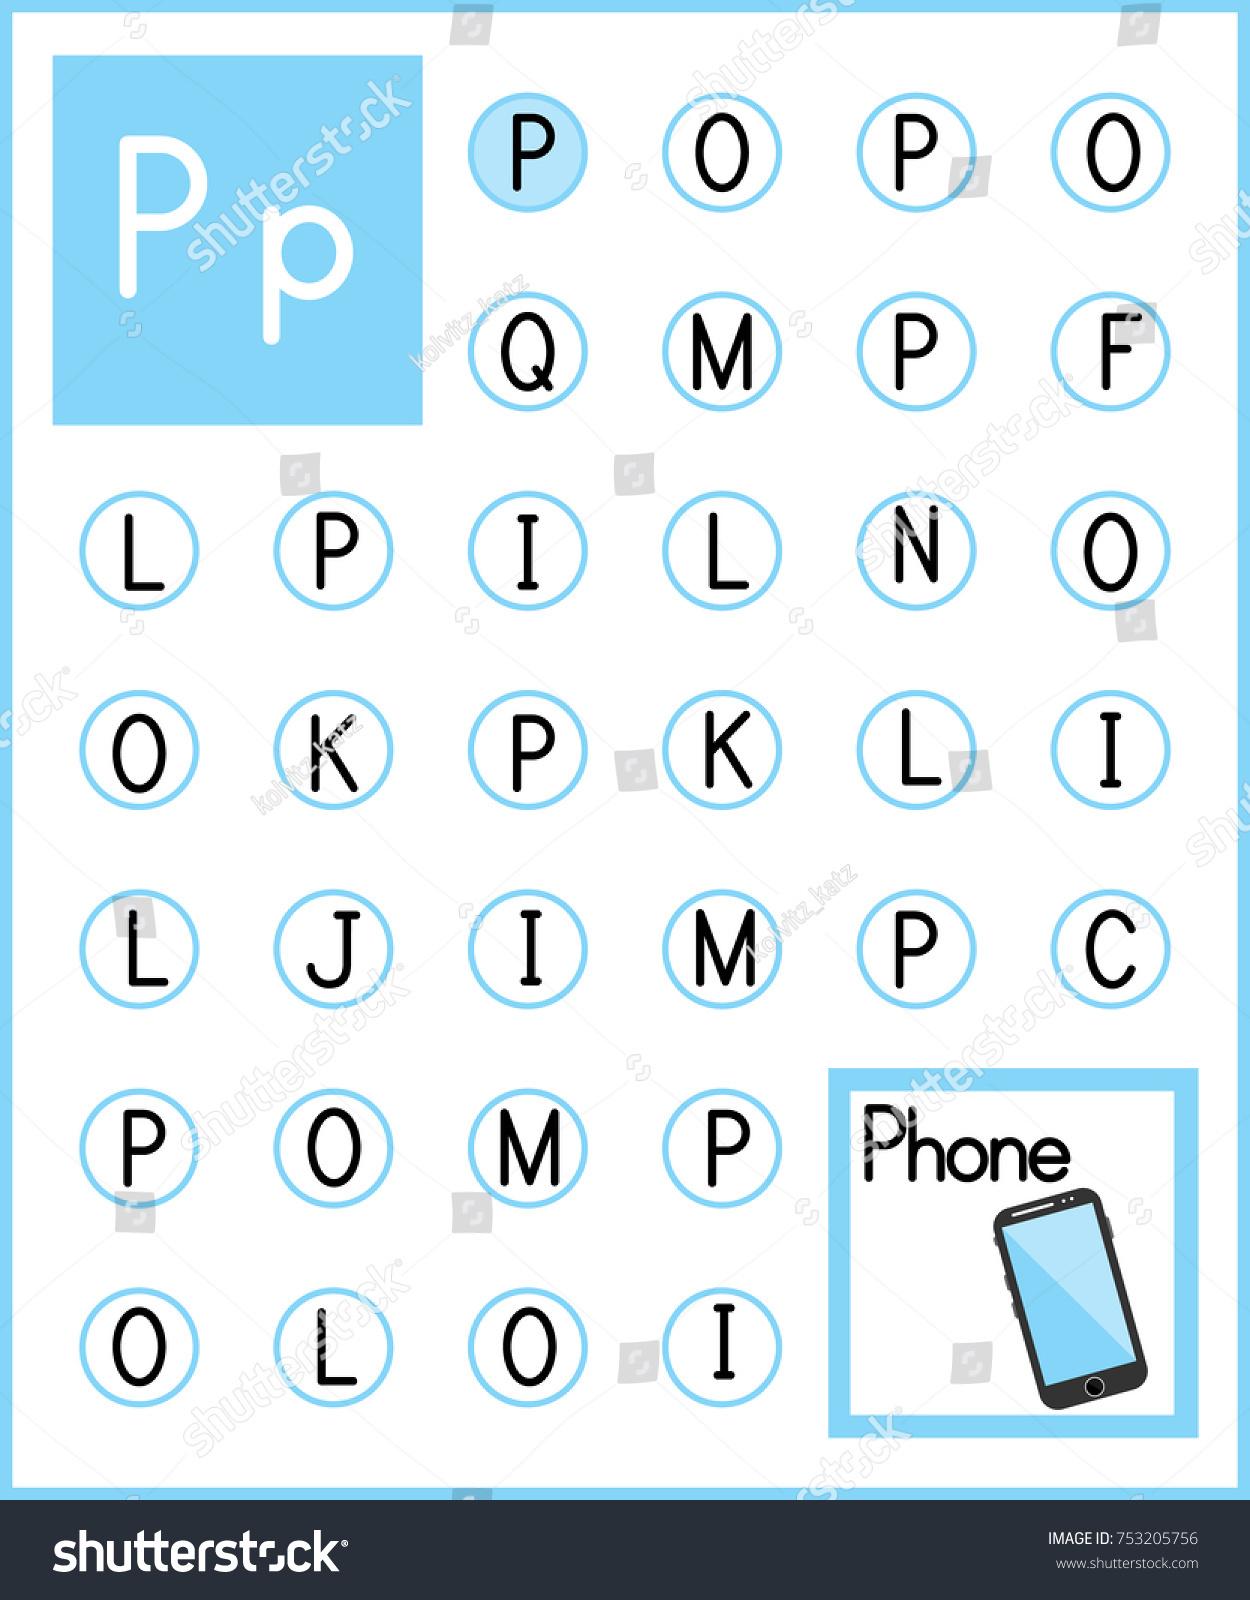 Worksheet Alphabet Activity Pre Schoolers Kindergarten